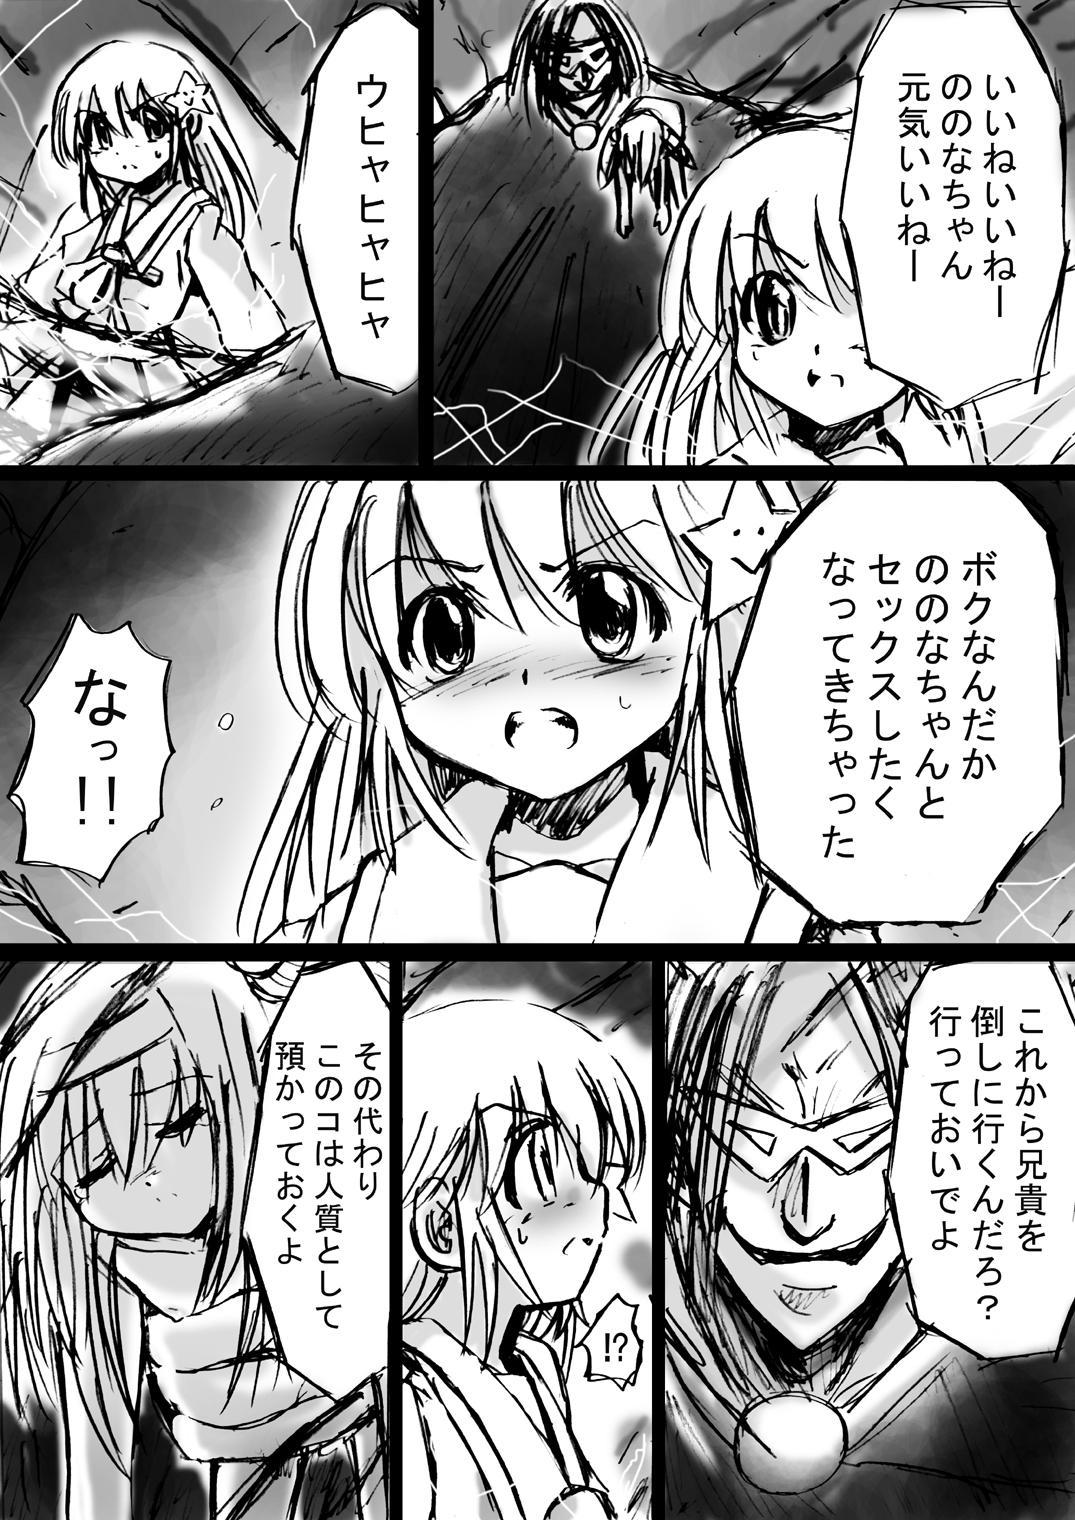 [Dende] Fushigi Sekai -Mystery World- Nonoha 5 ~Jokuma no Kyouniku no Tainai Shinshoku~ 34